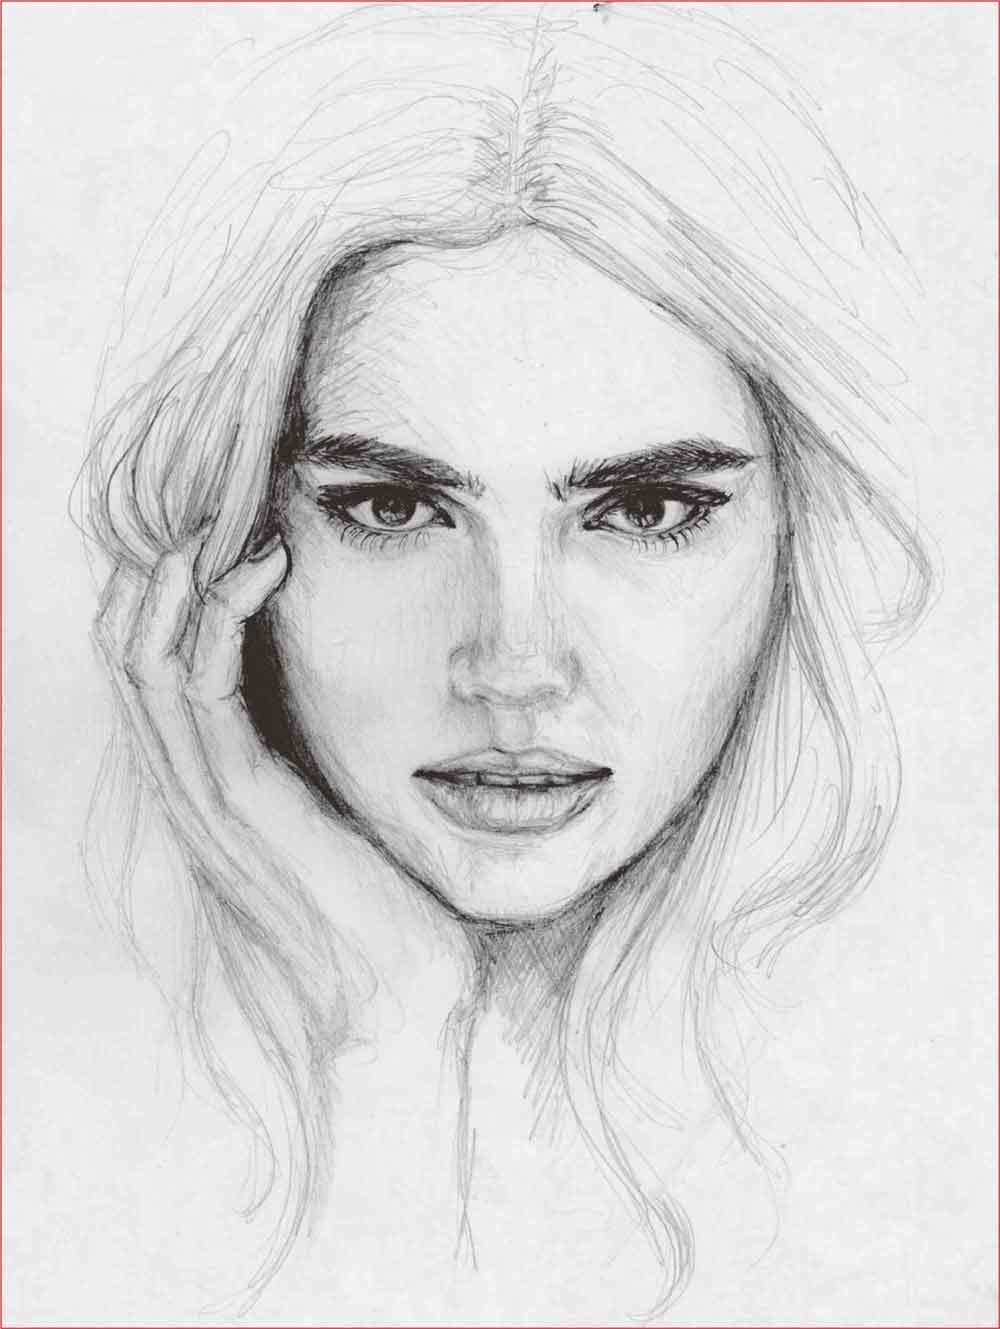 Gambar Lukisan Wajah Manusia